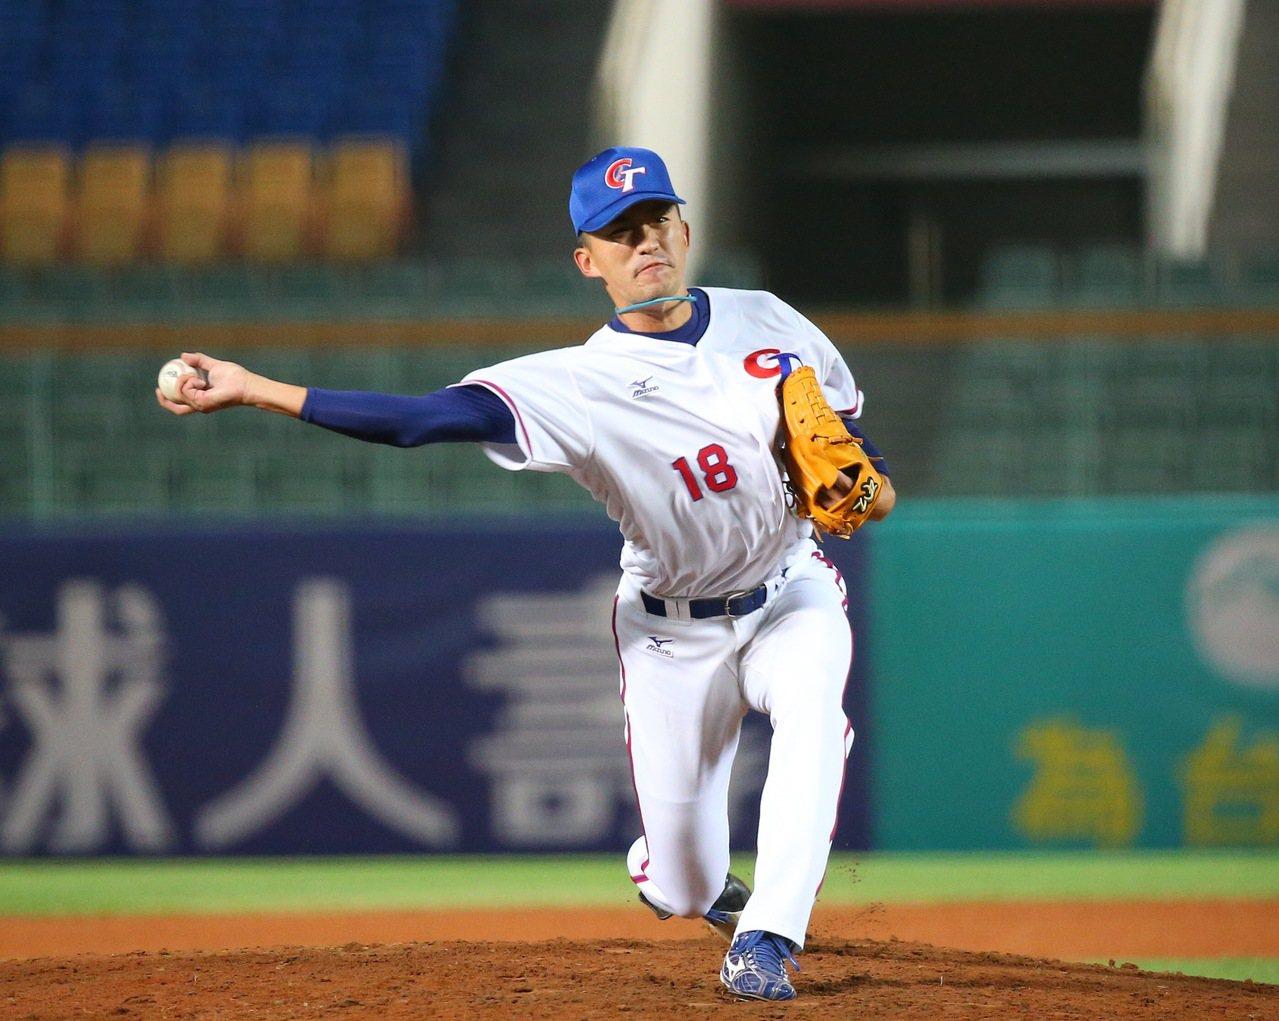 亞洲棒球錦標賽,中華隊中繼投手吳昇峰,對日本隊投1.1局失一分。記者余承翰/攝影